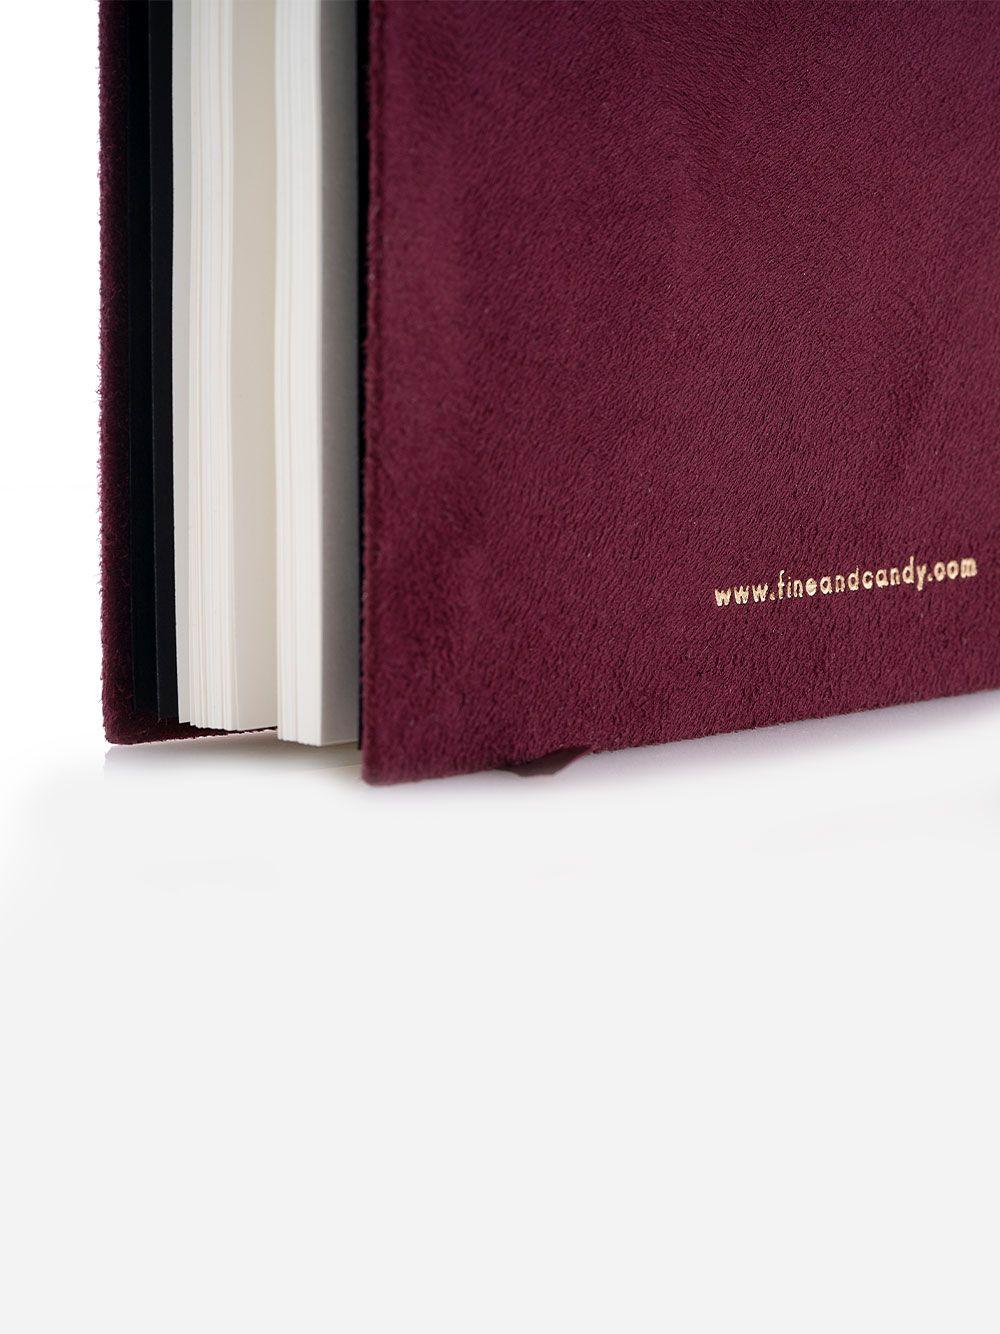 Notebook bordô em capa semi-mole em veludo macio Fine & Candy